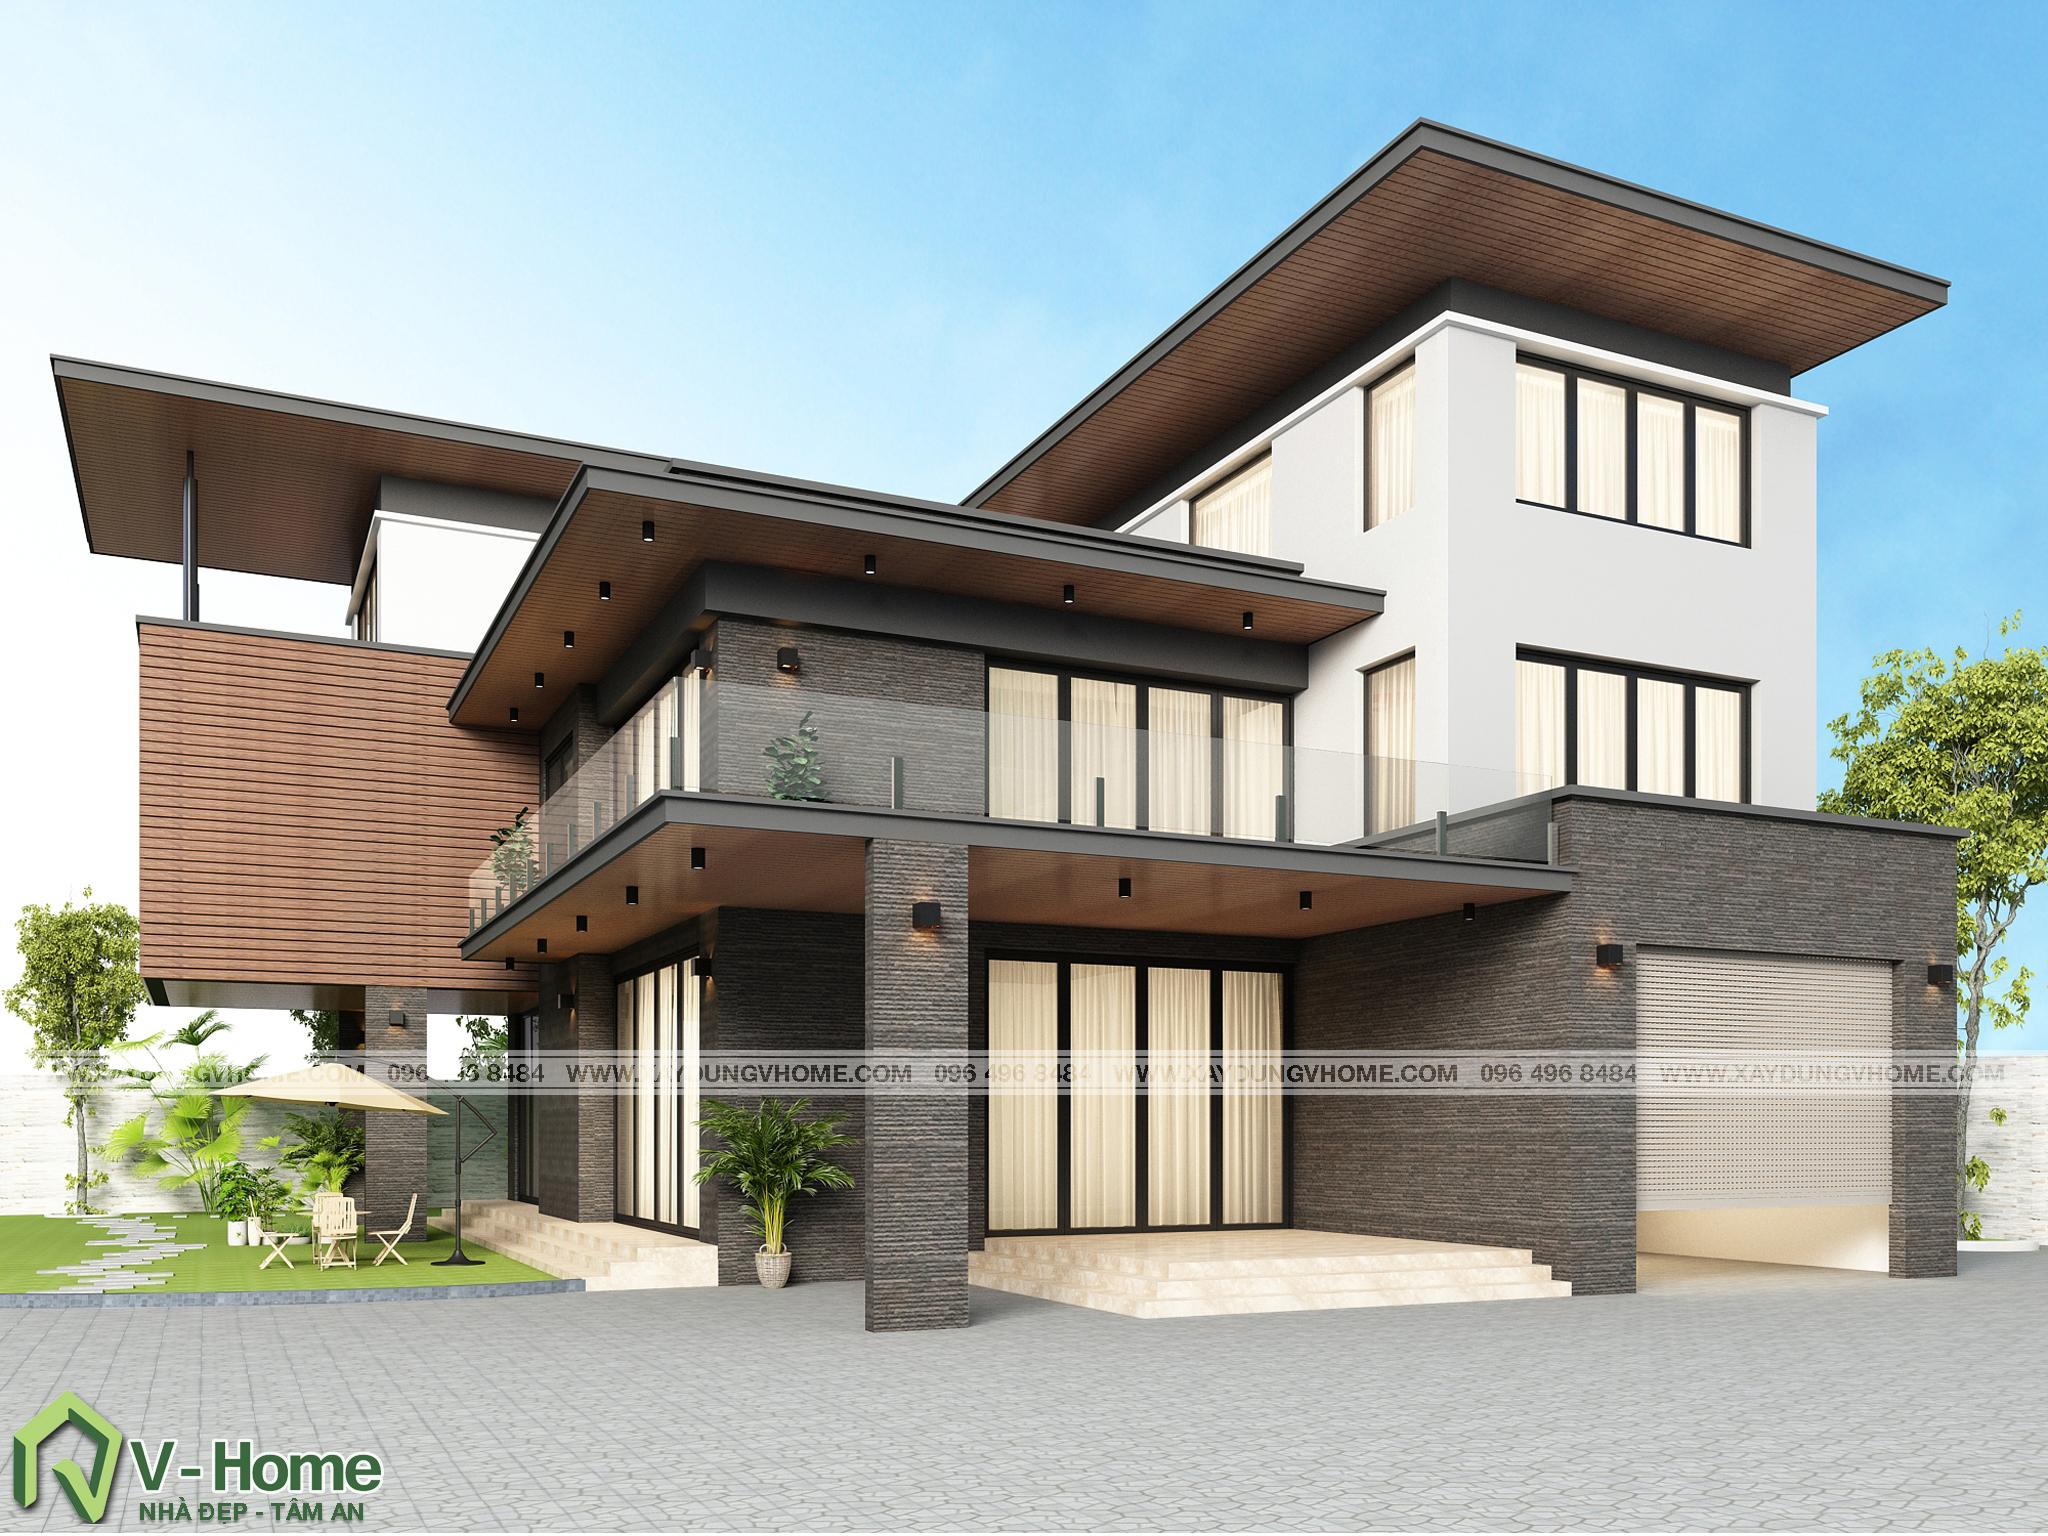 thiet-ke-biet-thu-hien-dai-2 Thiết kế Biệt thự hiện đại tại Ninh Bình - A. Sơn